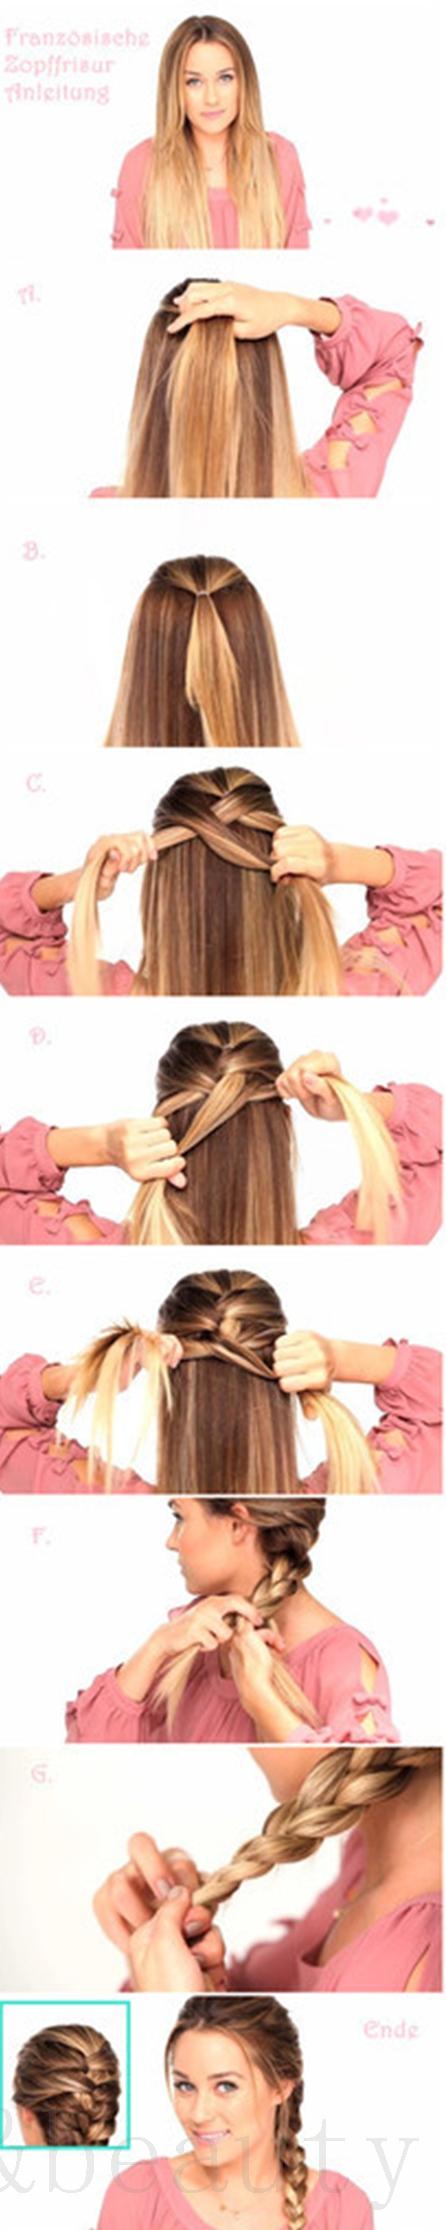 Hair tutorials for long hair styles u hairstyles u pinterest